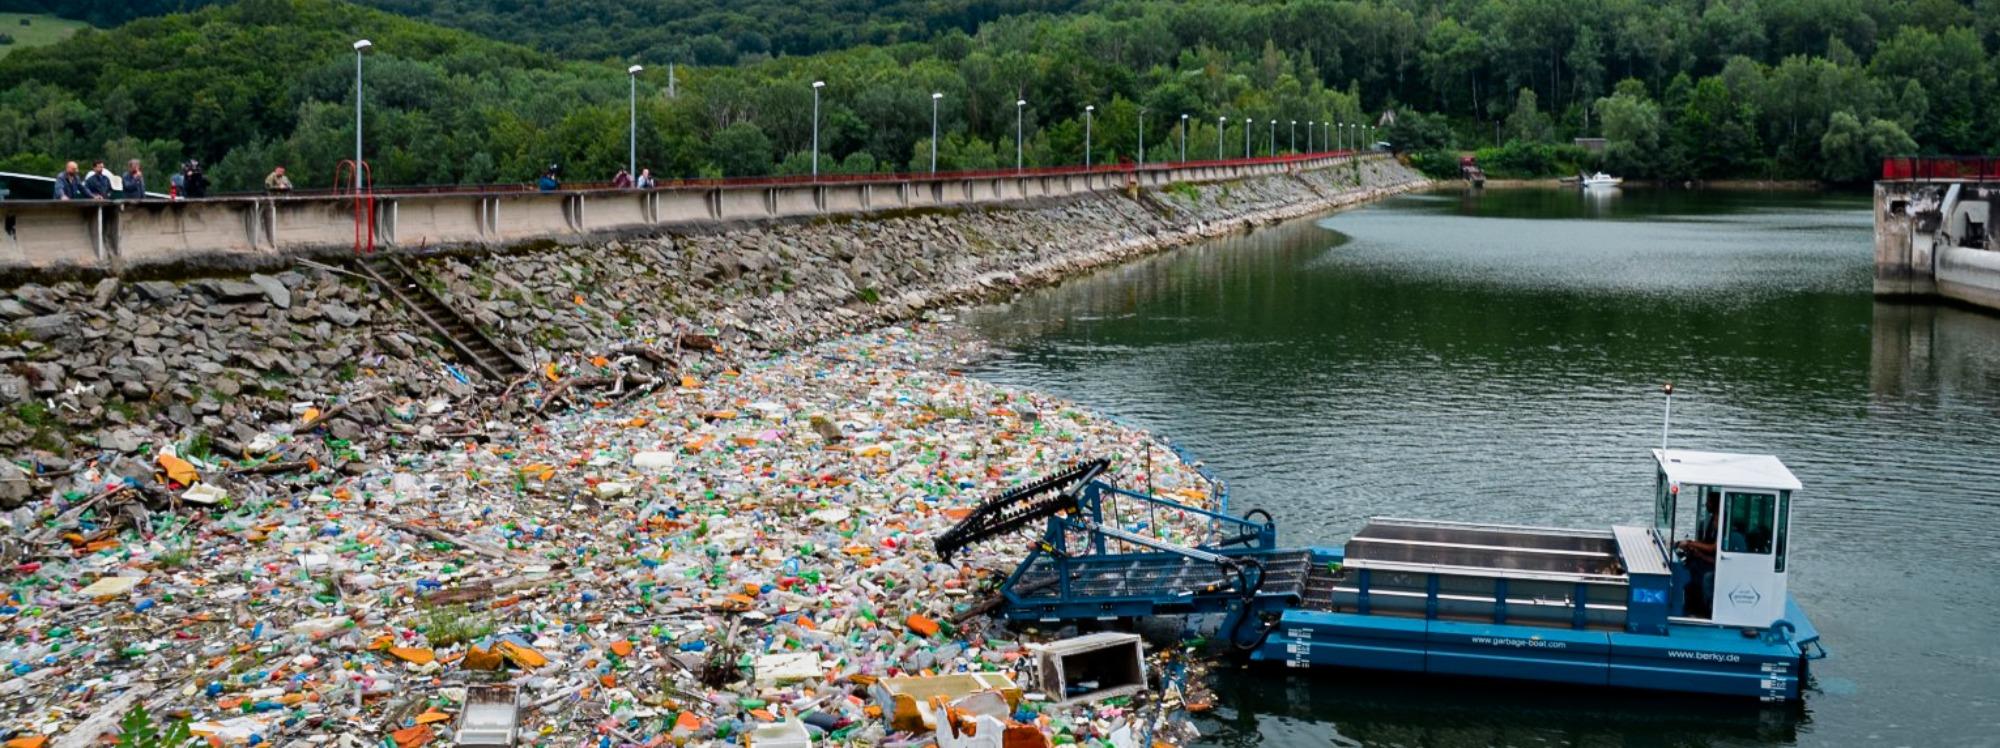 Audi Environmental Foundation quiere ríos limpios de plásticos y ya tiene dos aliados